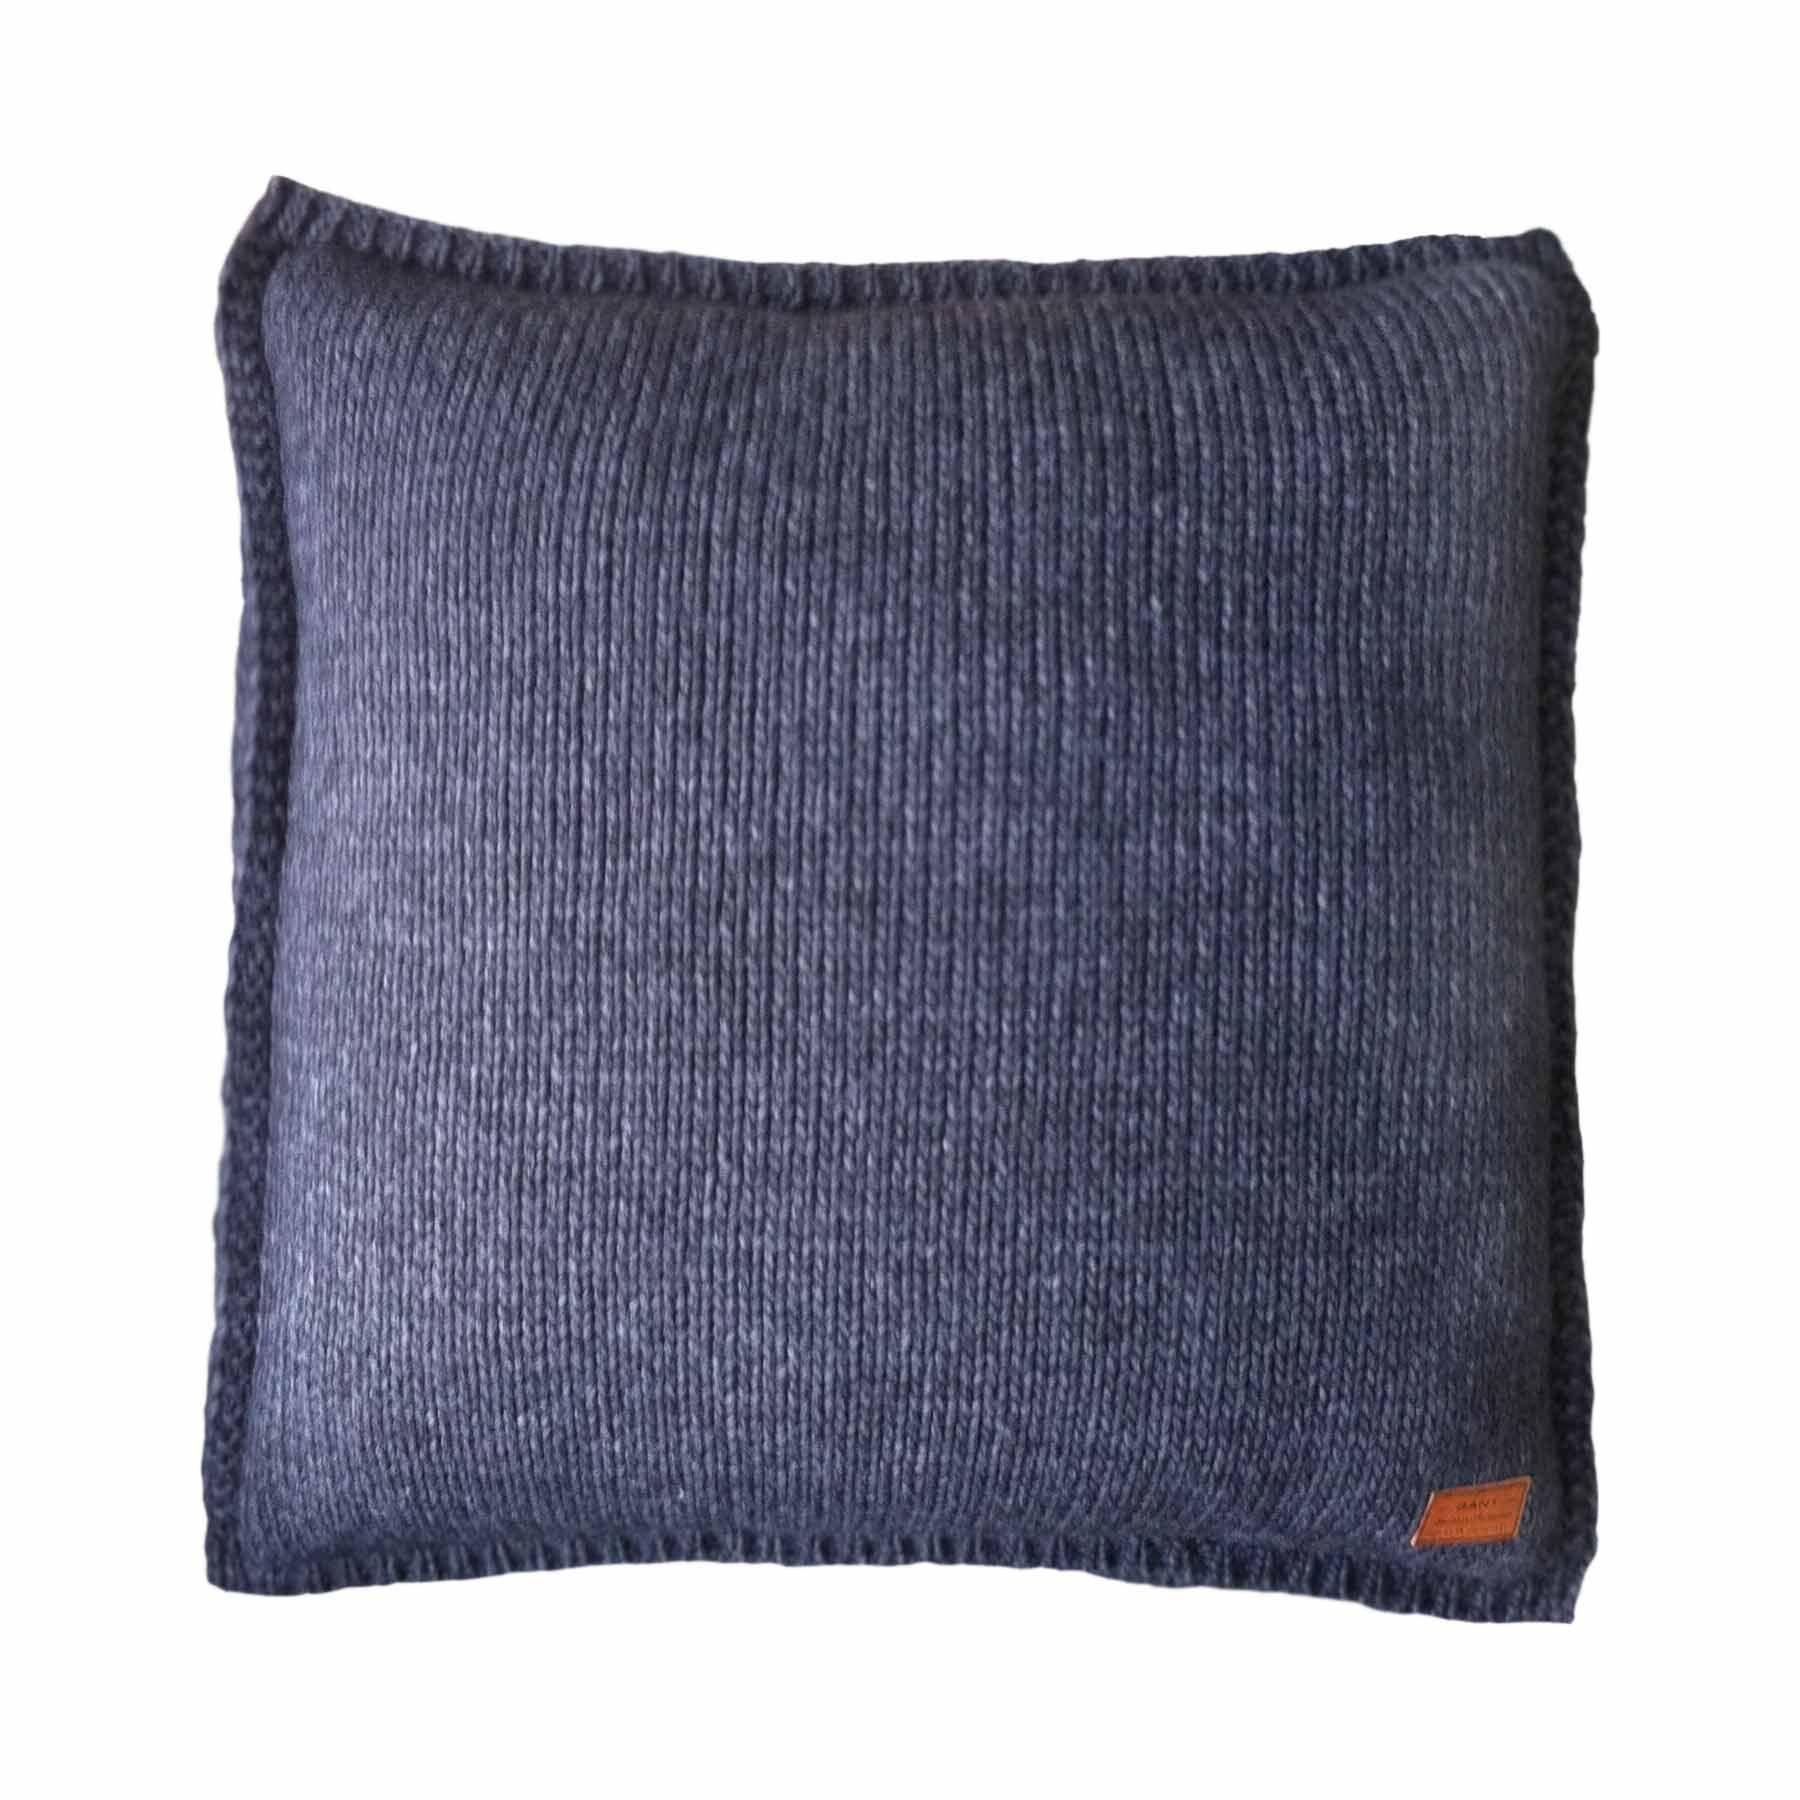 Gant Solid Knit Kissenbezug 50 X 50 Cm Violette Wartungsarbeiten